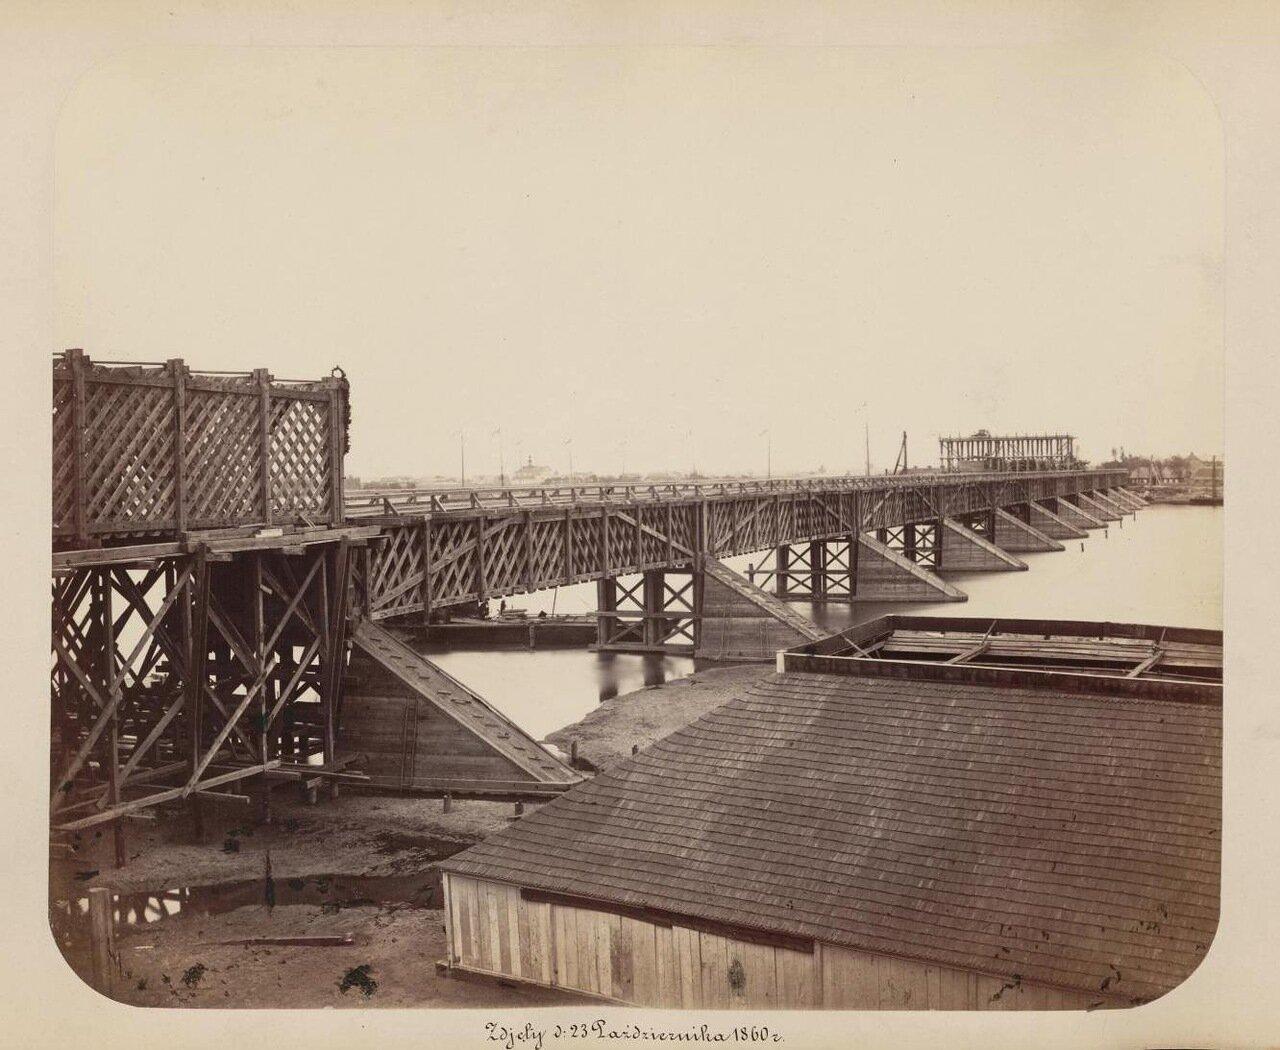 Построенный временный деревянный мост 1860 г.